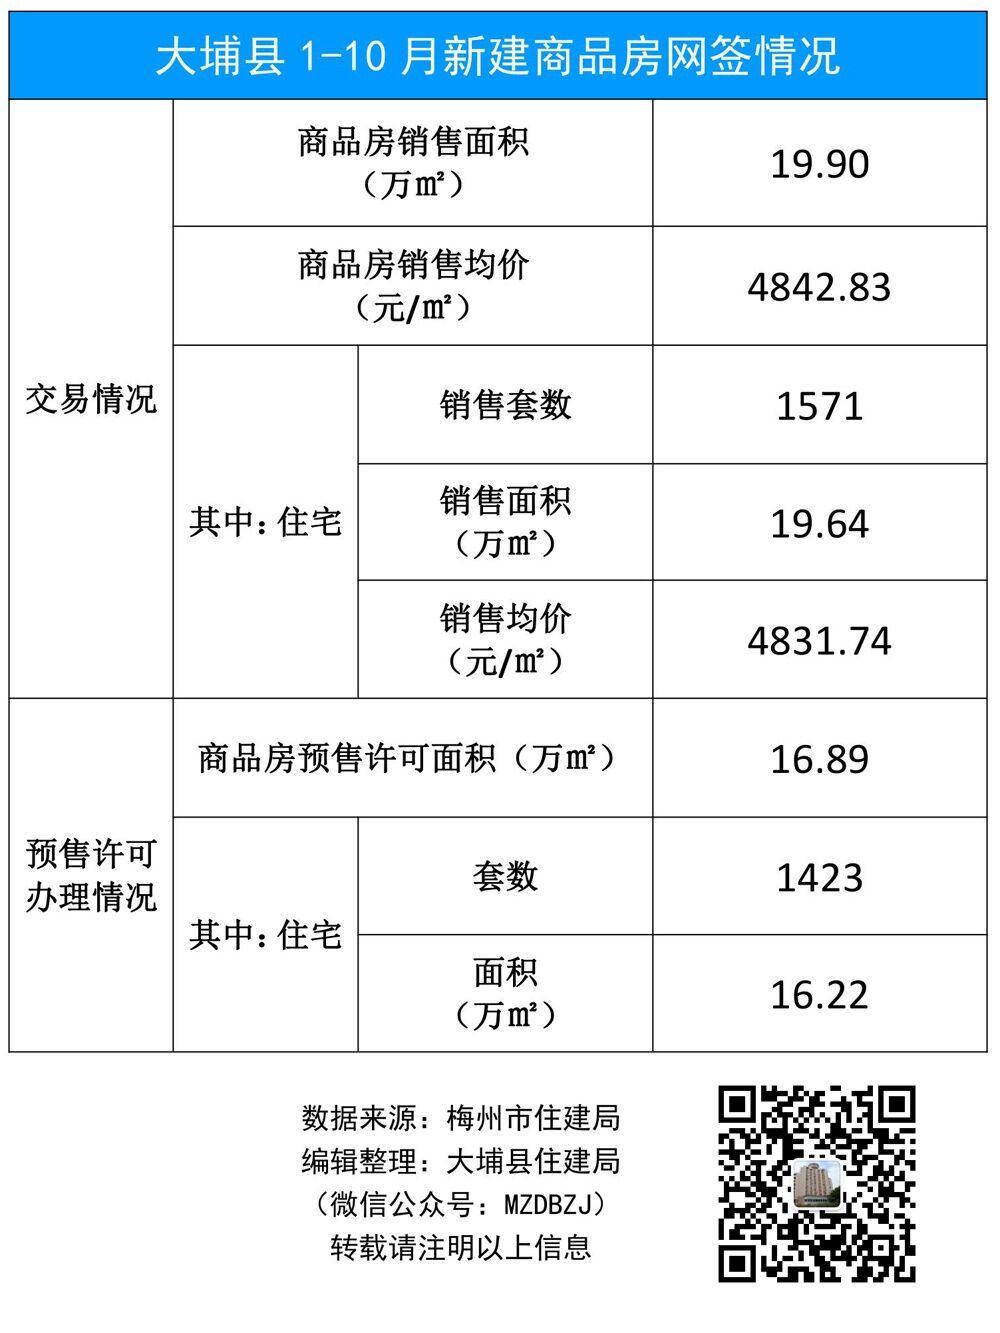 大埔县1-10月新建商品房网签情况.jpg